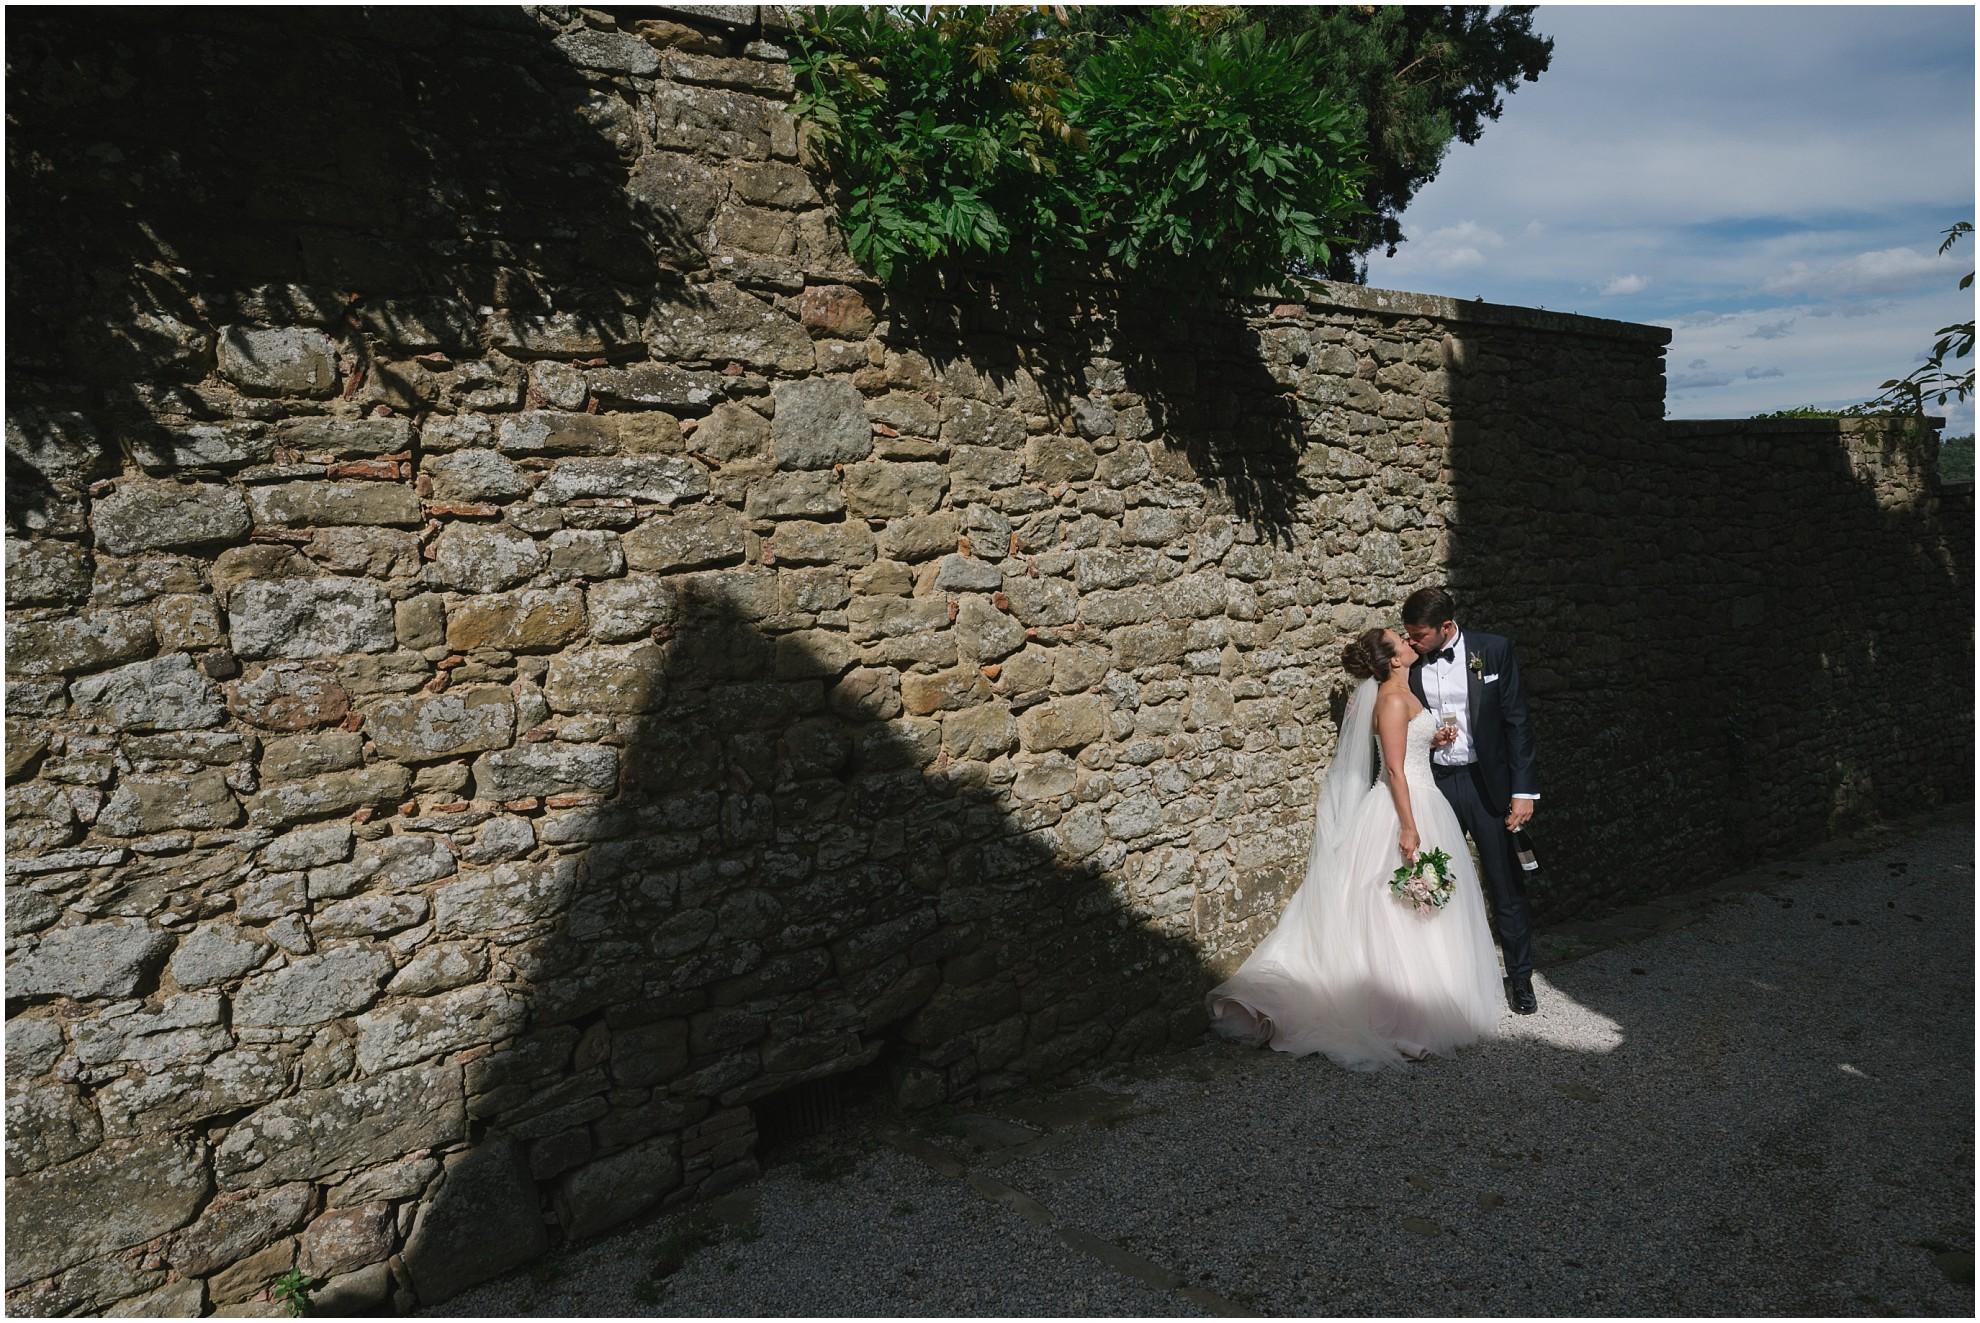 tuscany-wedding-photographer-053